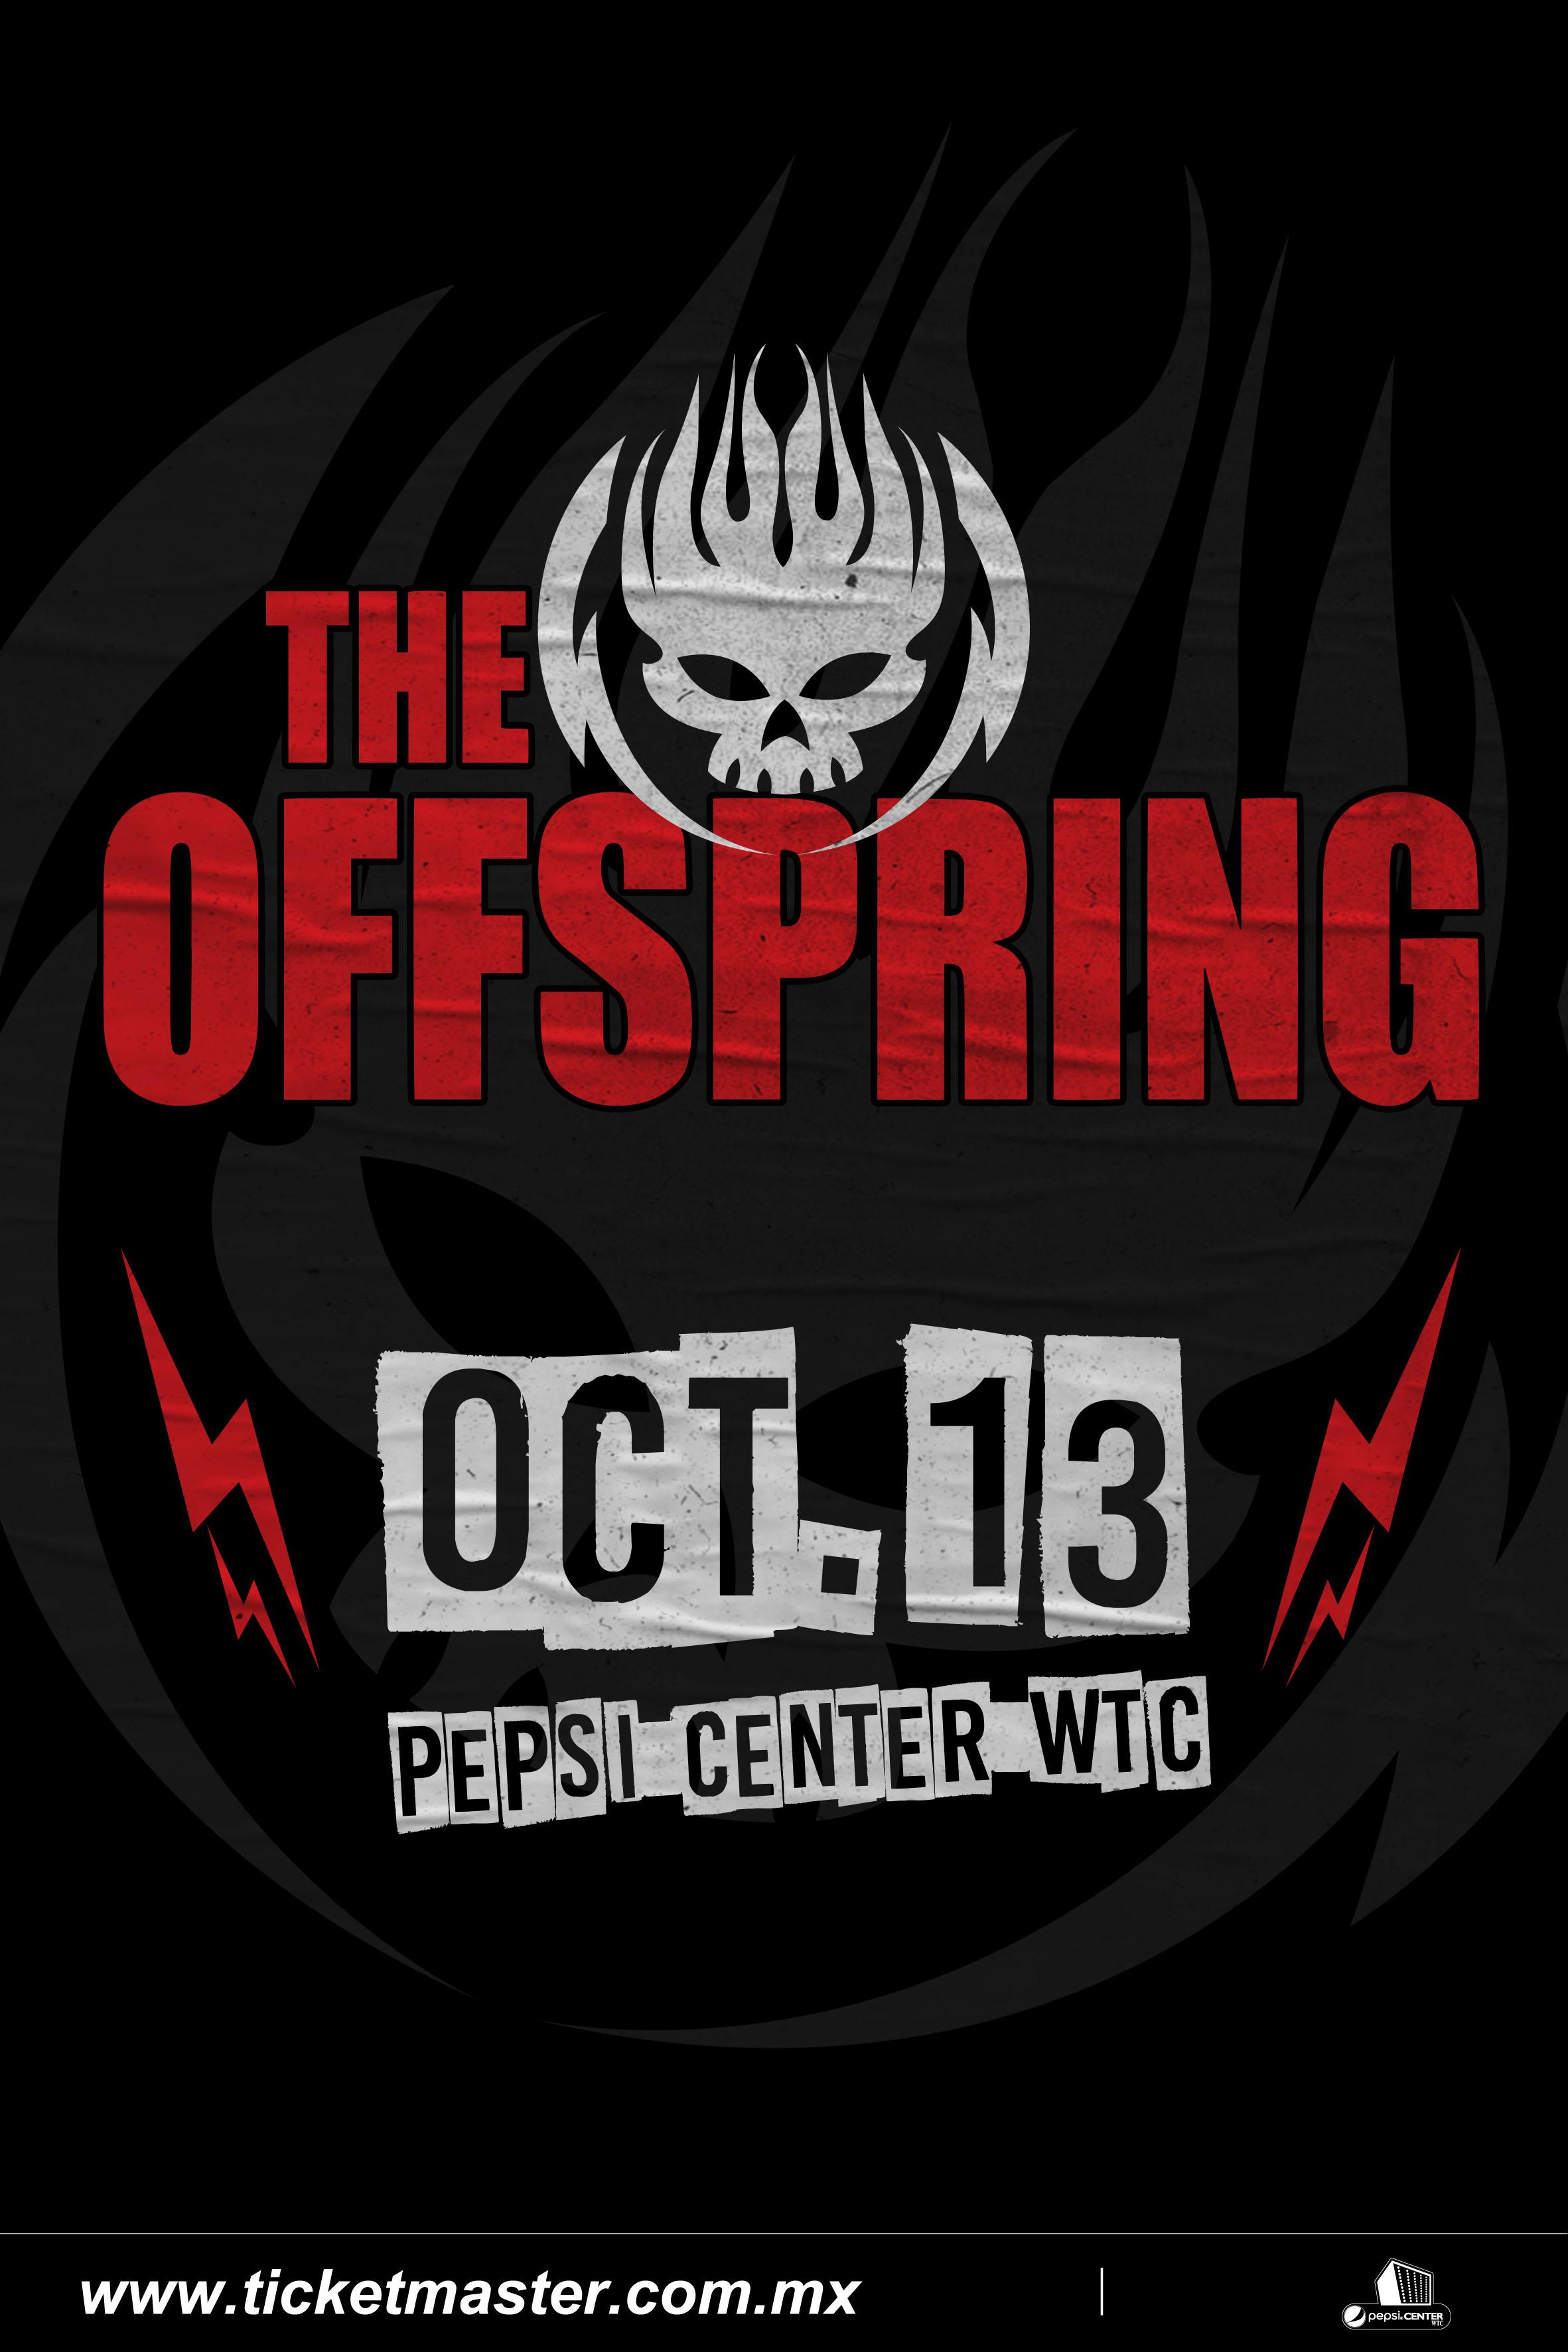 The Offspring regresa a México